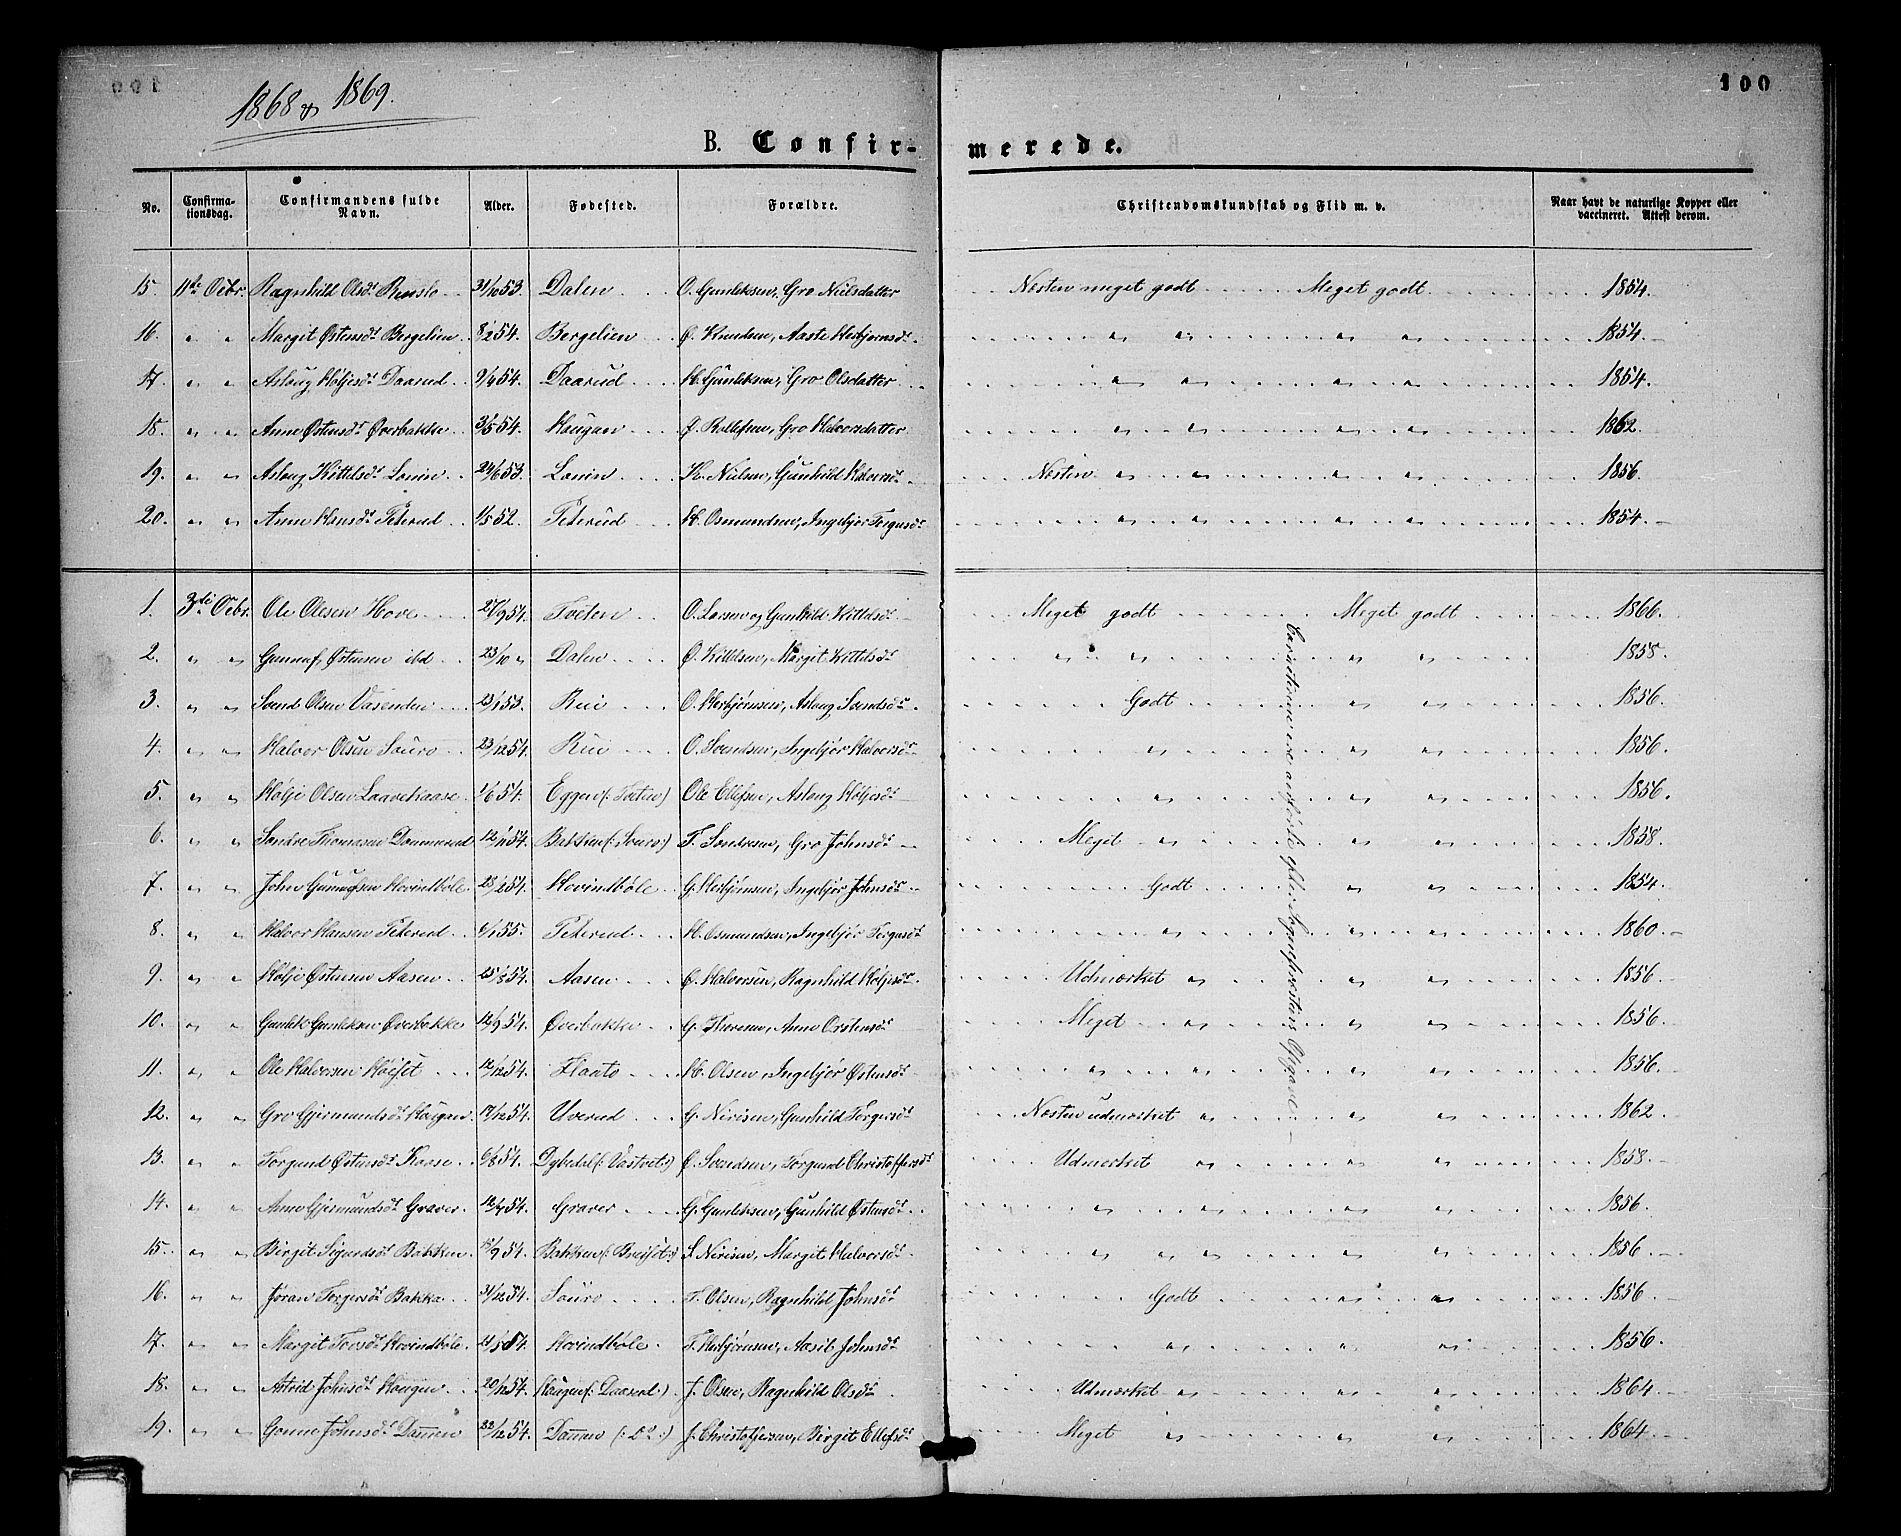 SAKO, Gransherad kirkebøker, G/Gb/L0002: Klokkerbok nr. II 2, 1860-1886, s. 100